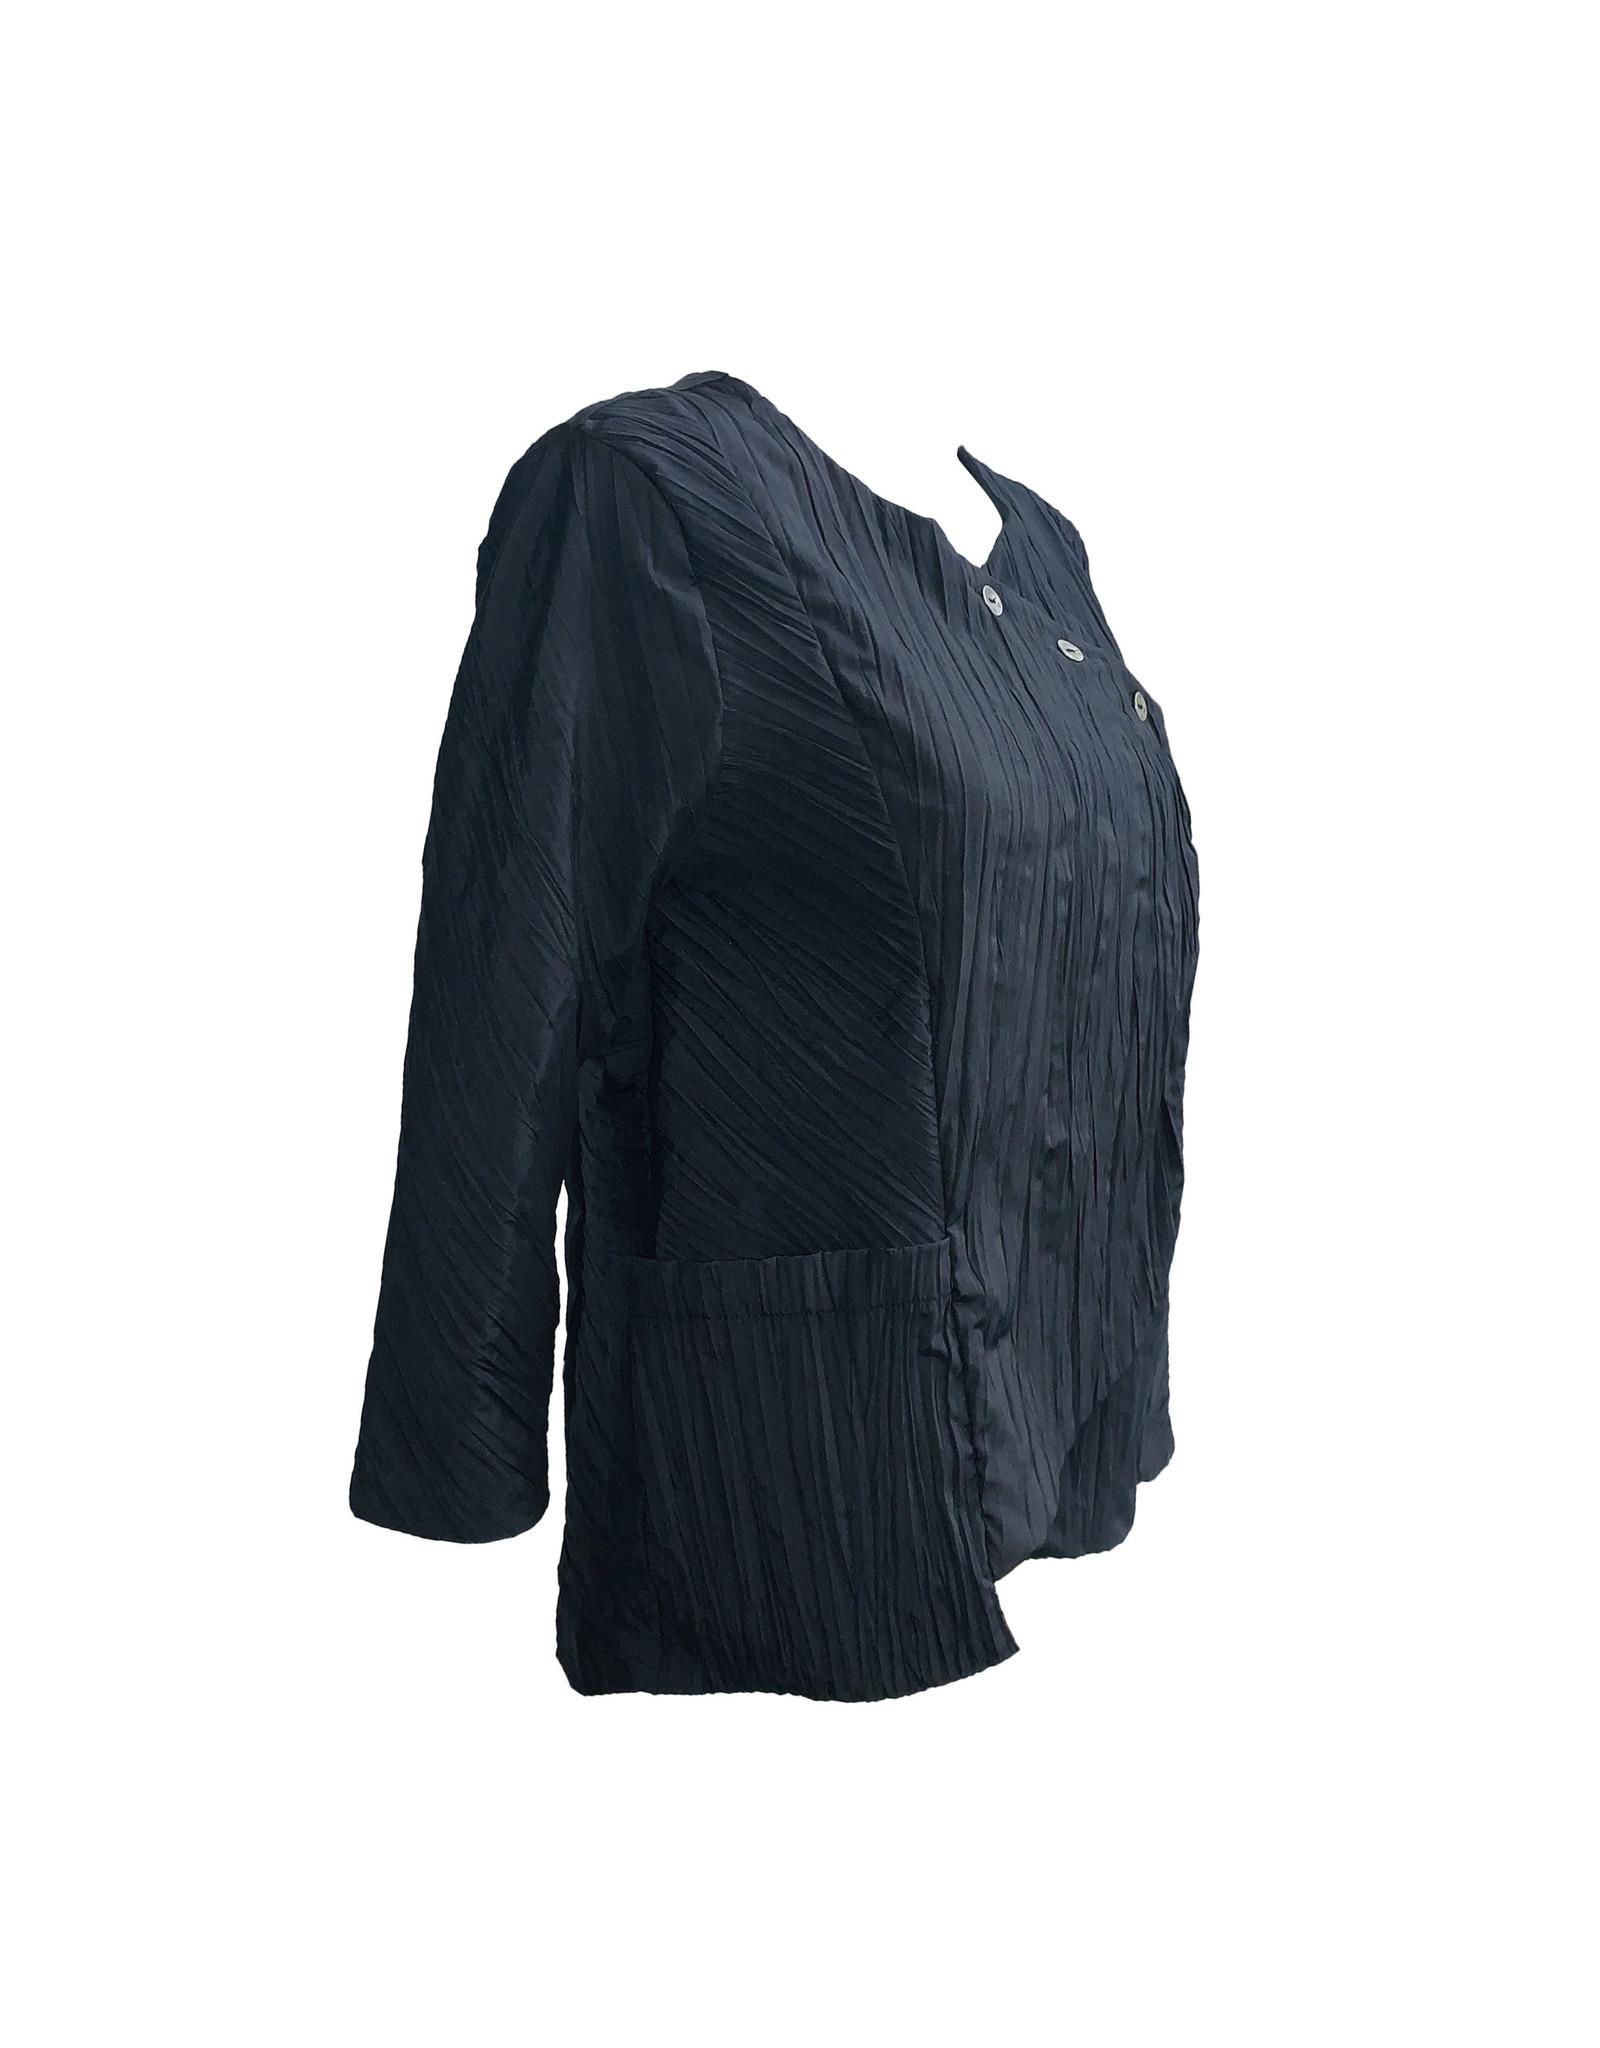 Porto Porto Nico Jacket - Black